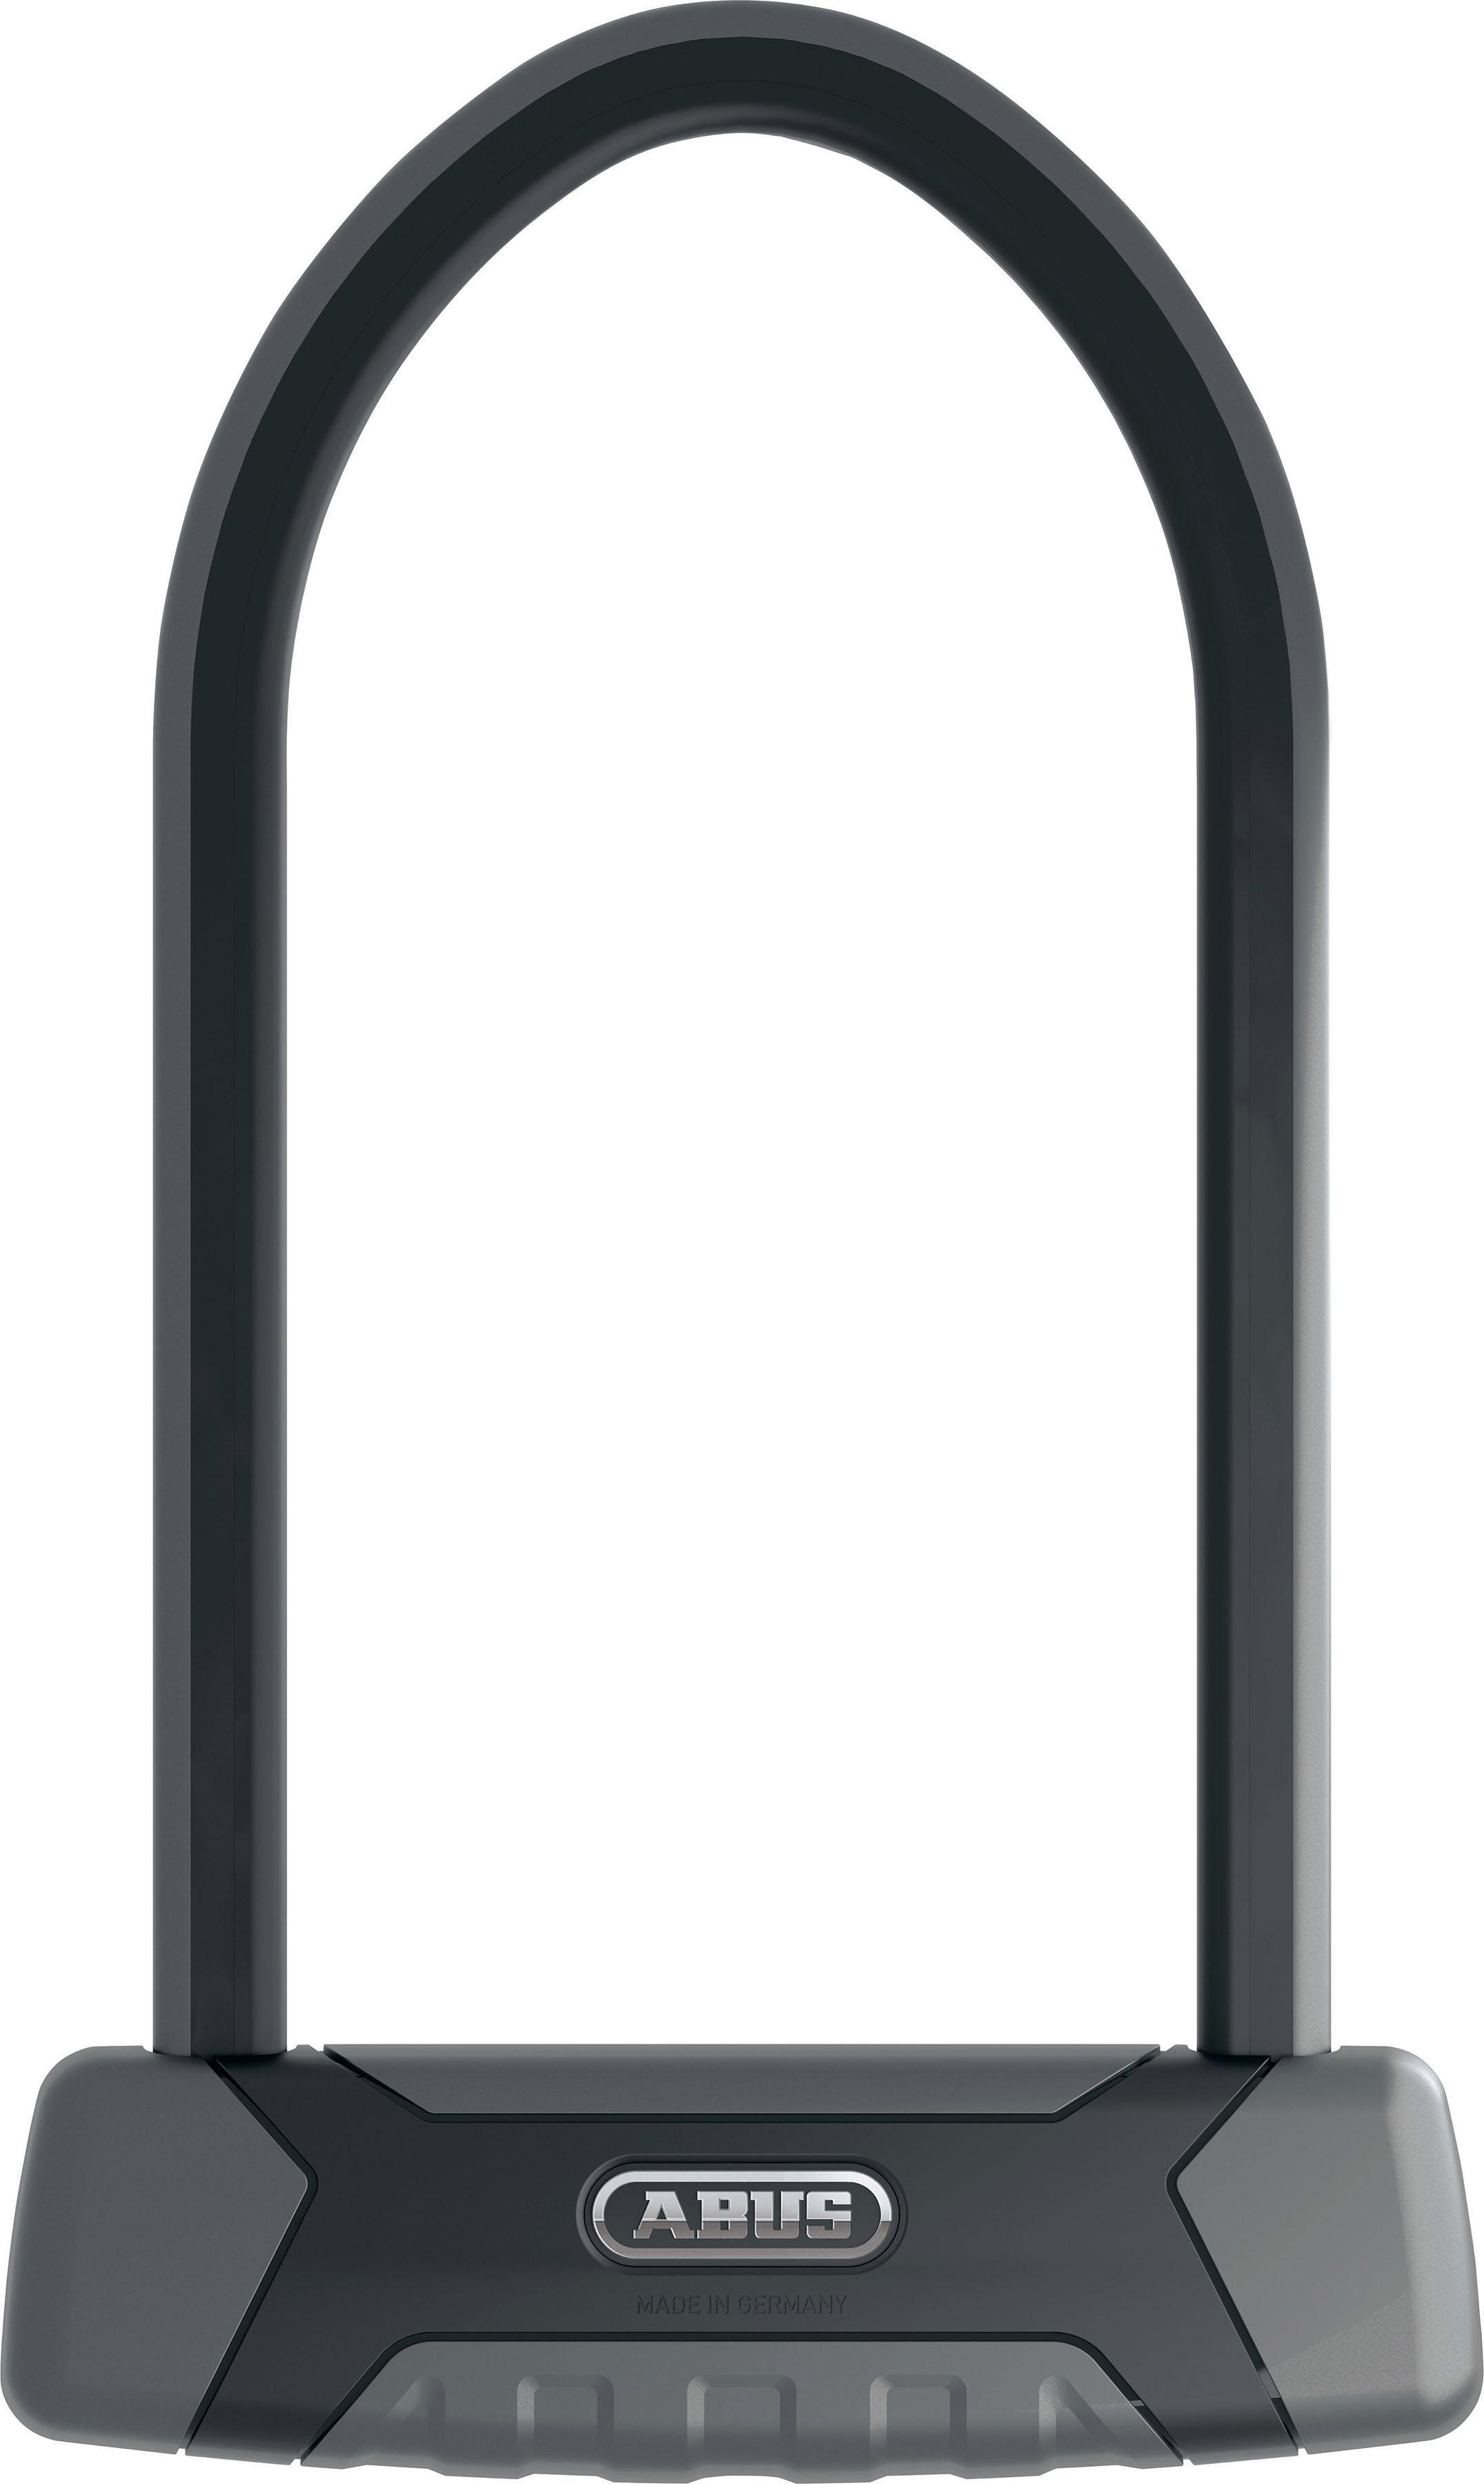 ABUS Bügelschloss 540/160HB230 (4-tlg mit Halterung) Technik & Freizeit/Sport & Freizeit/Fahrräder & Zubehör/Fahrradzubehör/Fahrradschlösser/Bügelschlösser